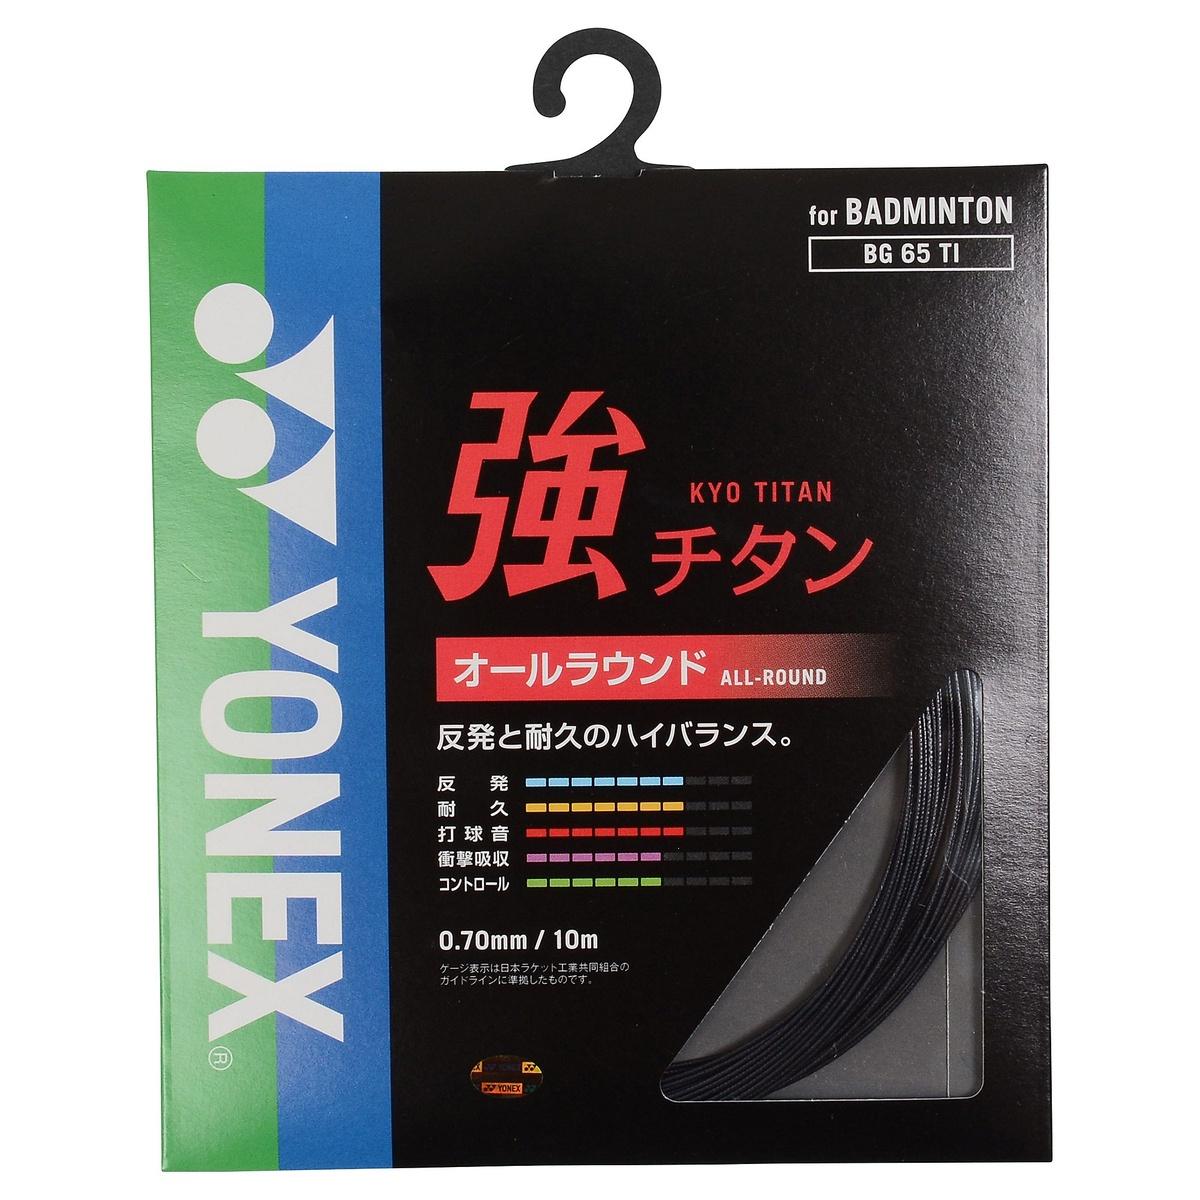 ヨネックス バドミントン ストリングス キョウチタン ブラック YONEX 激安通販販売 人気の定番 BG65TI